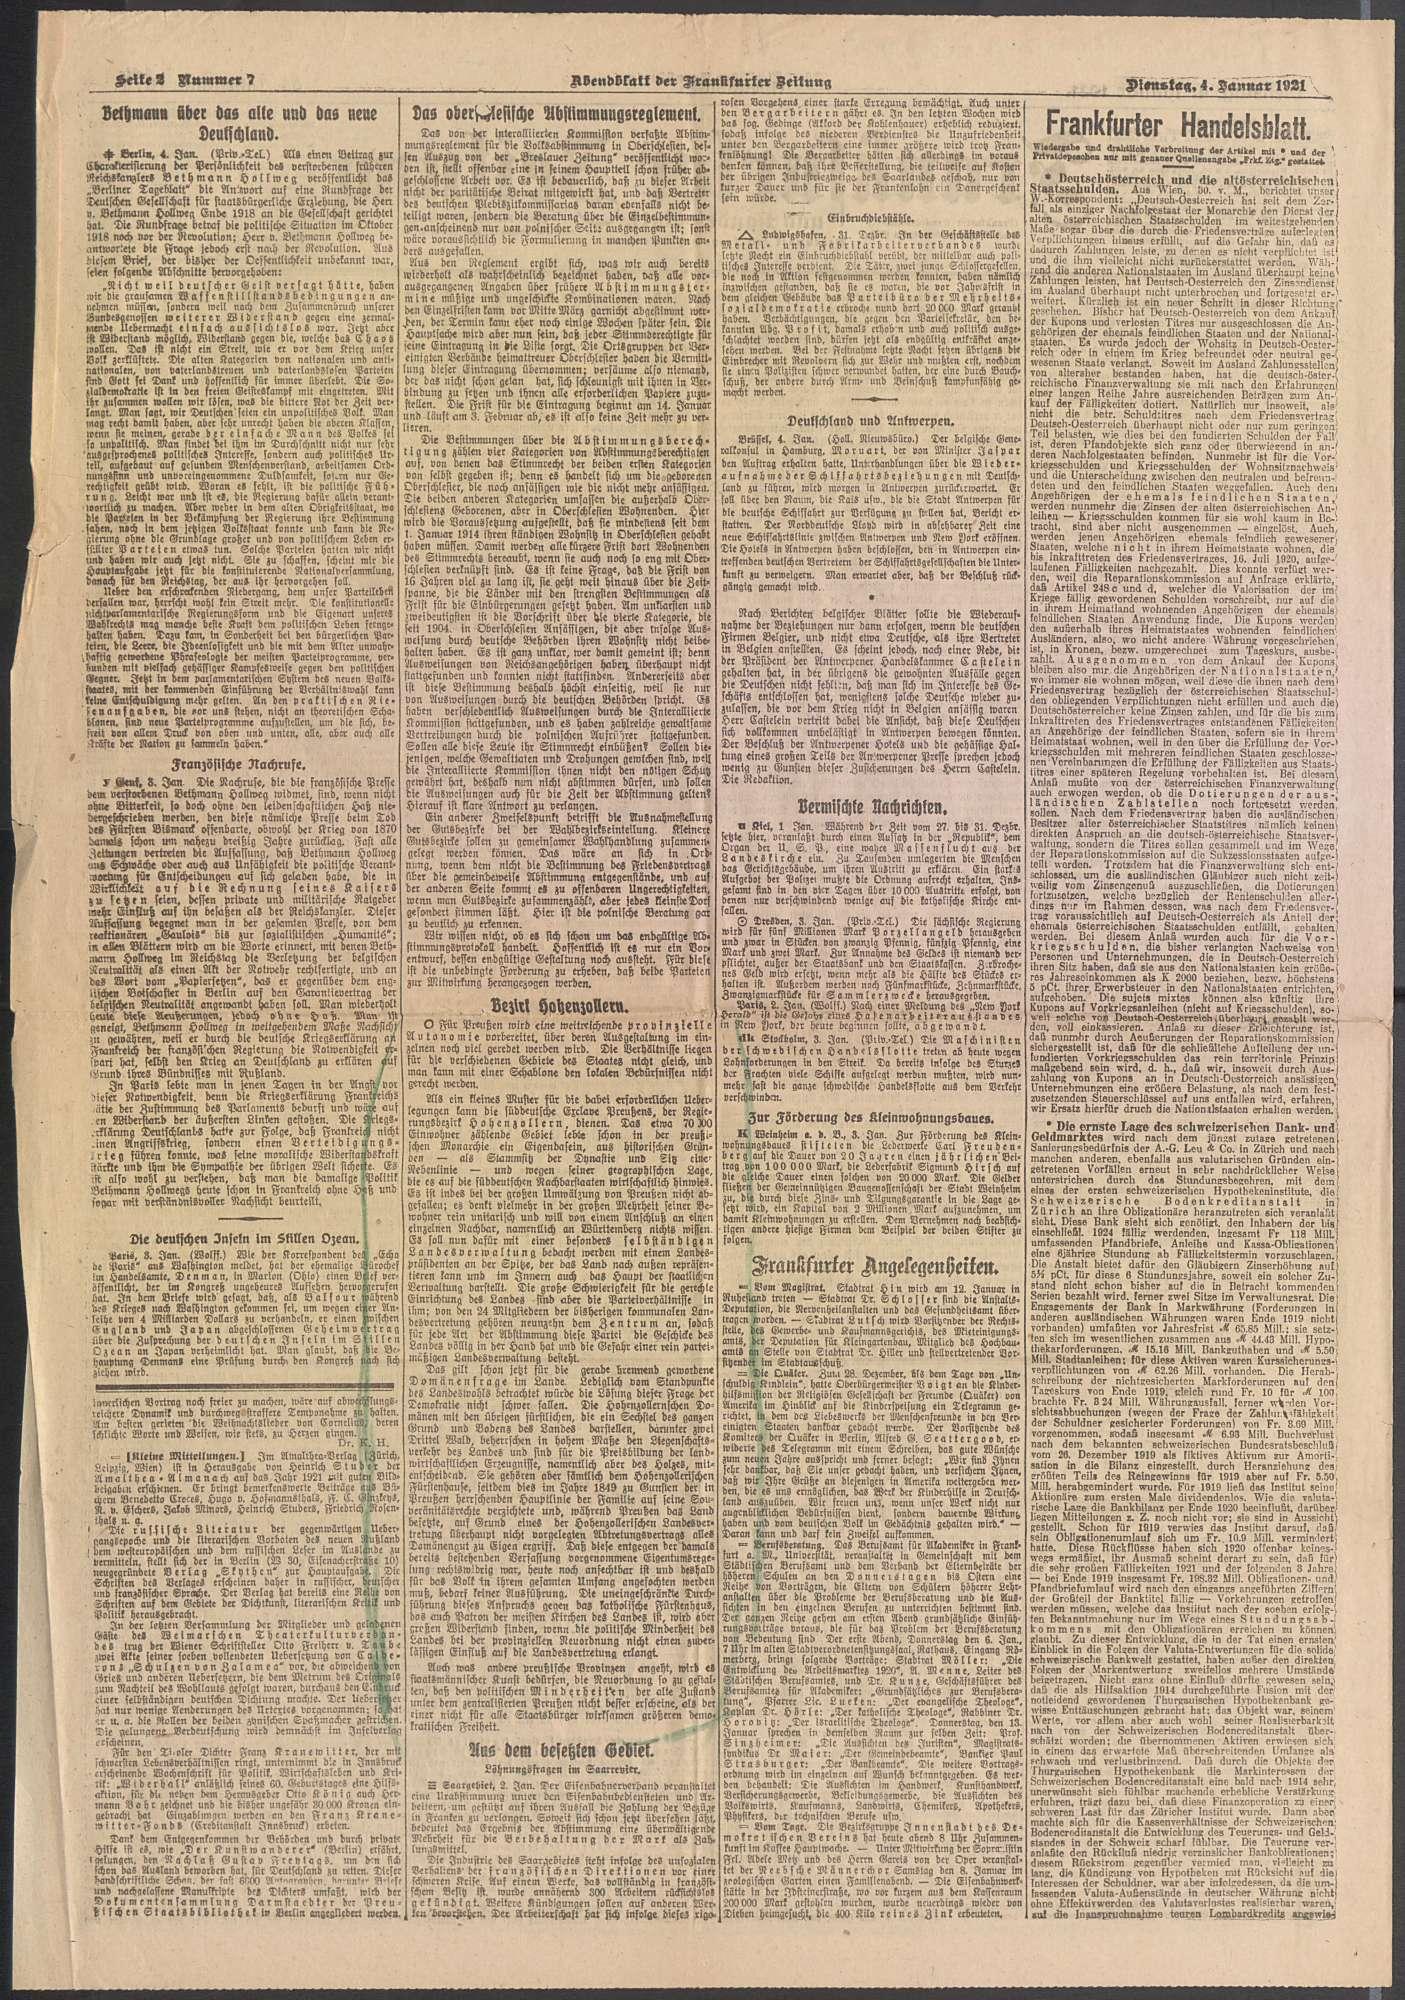 """Pressestimmen über die politische Umwälzung, speziell über die """"Domänenfrage in Hohenzollern"""", Bild 2"""